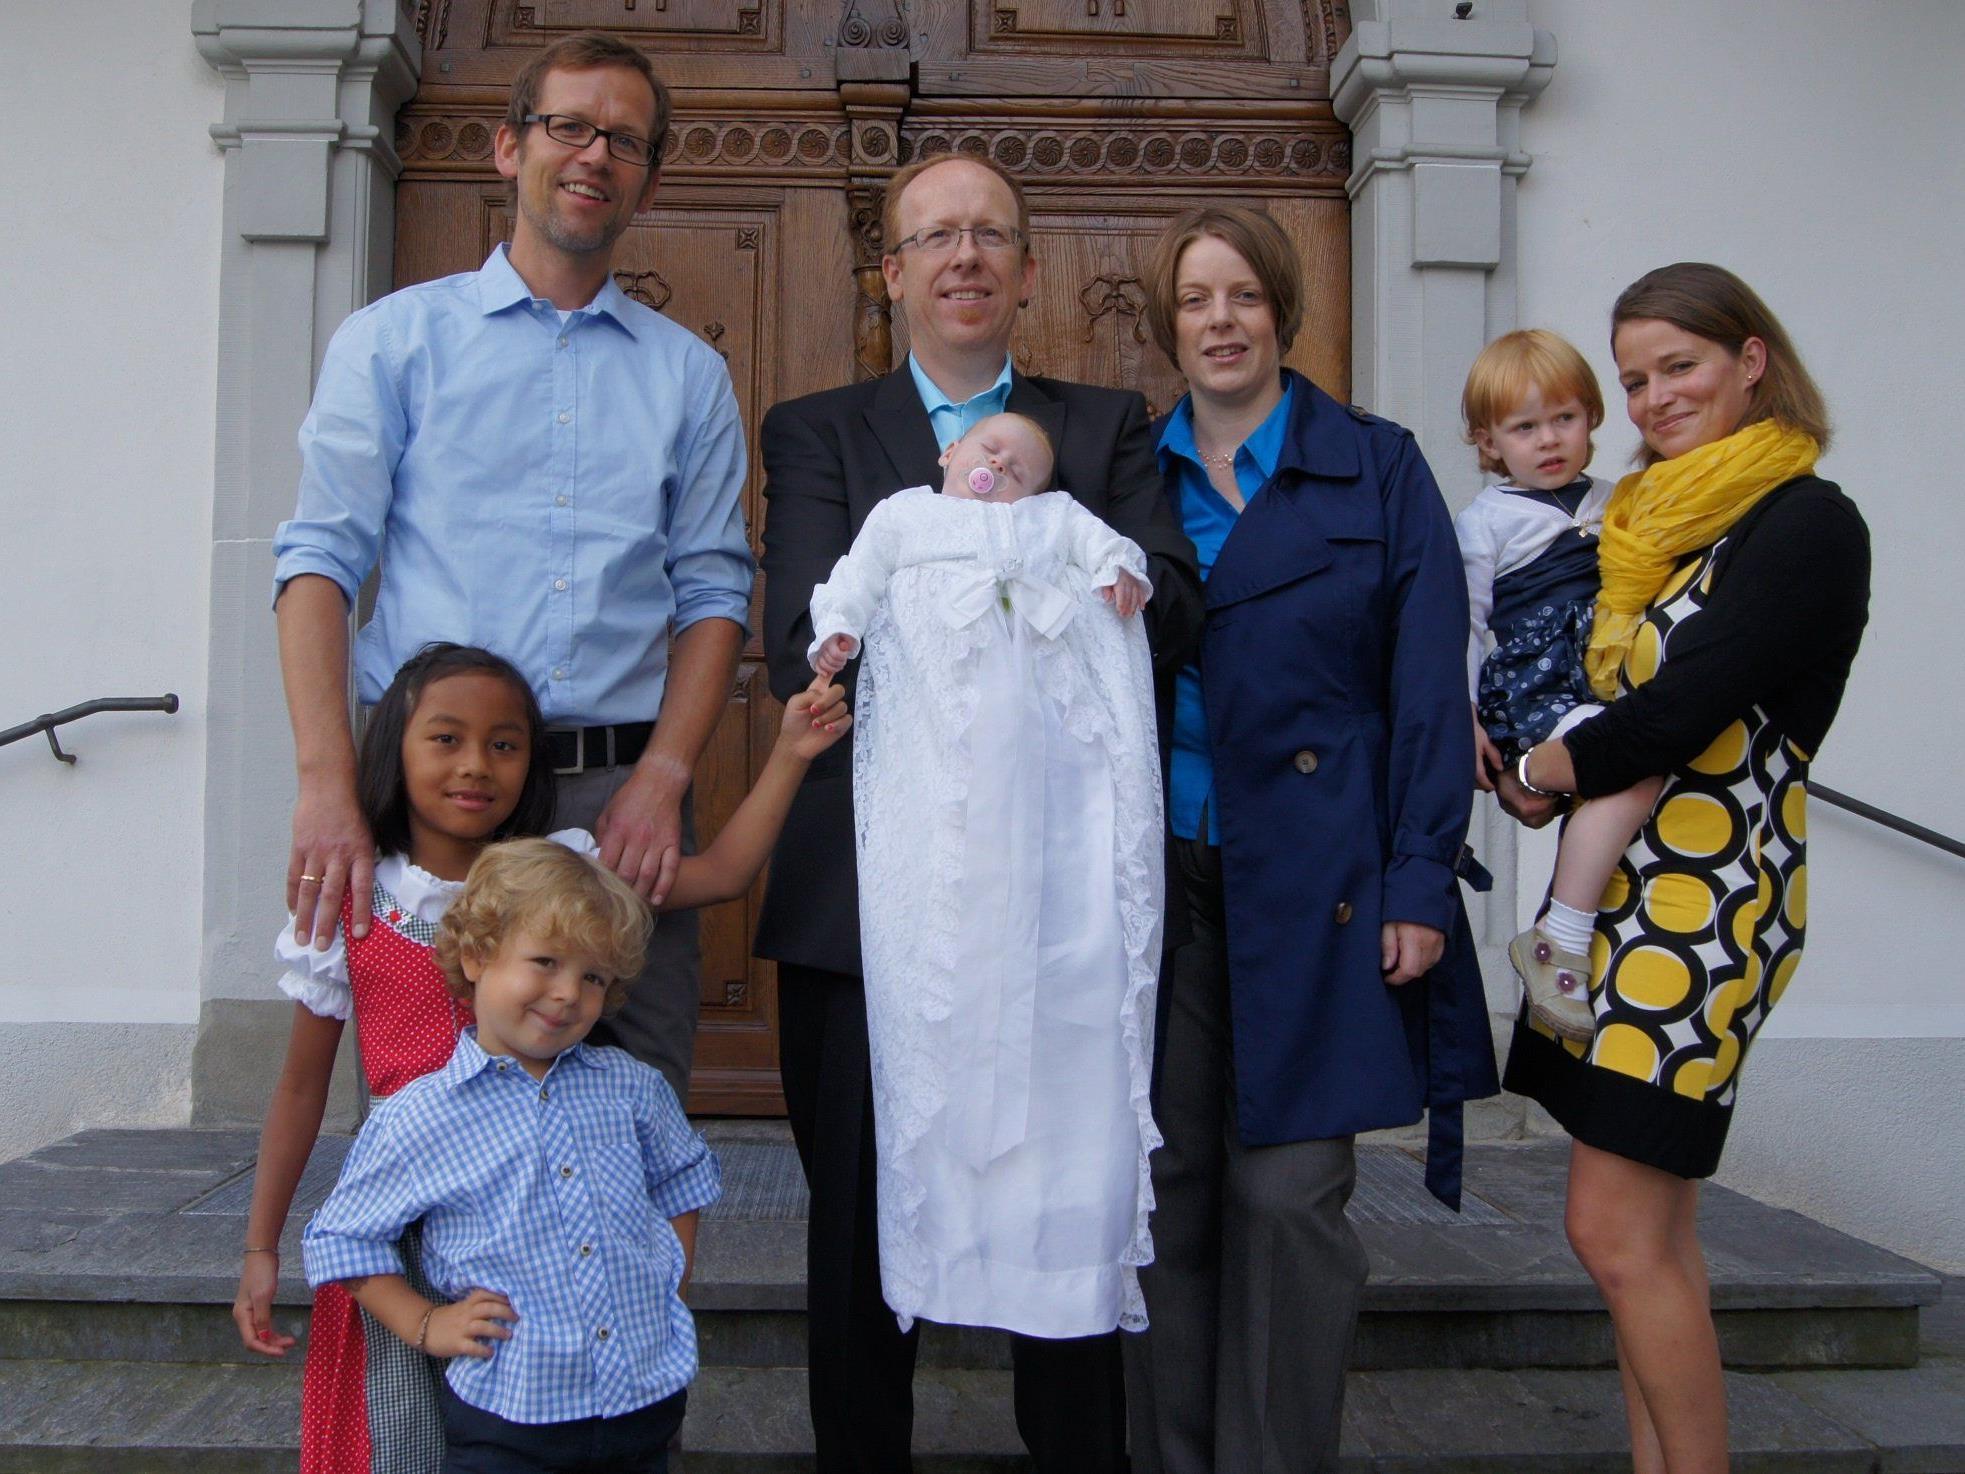 Taufe von Gabriela Luisa Kessler in der Pfarrkirche Haselstauden.